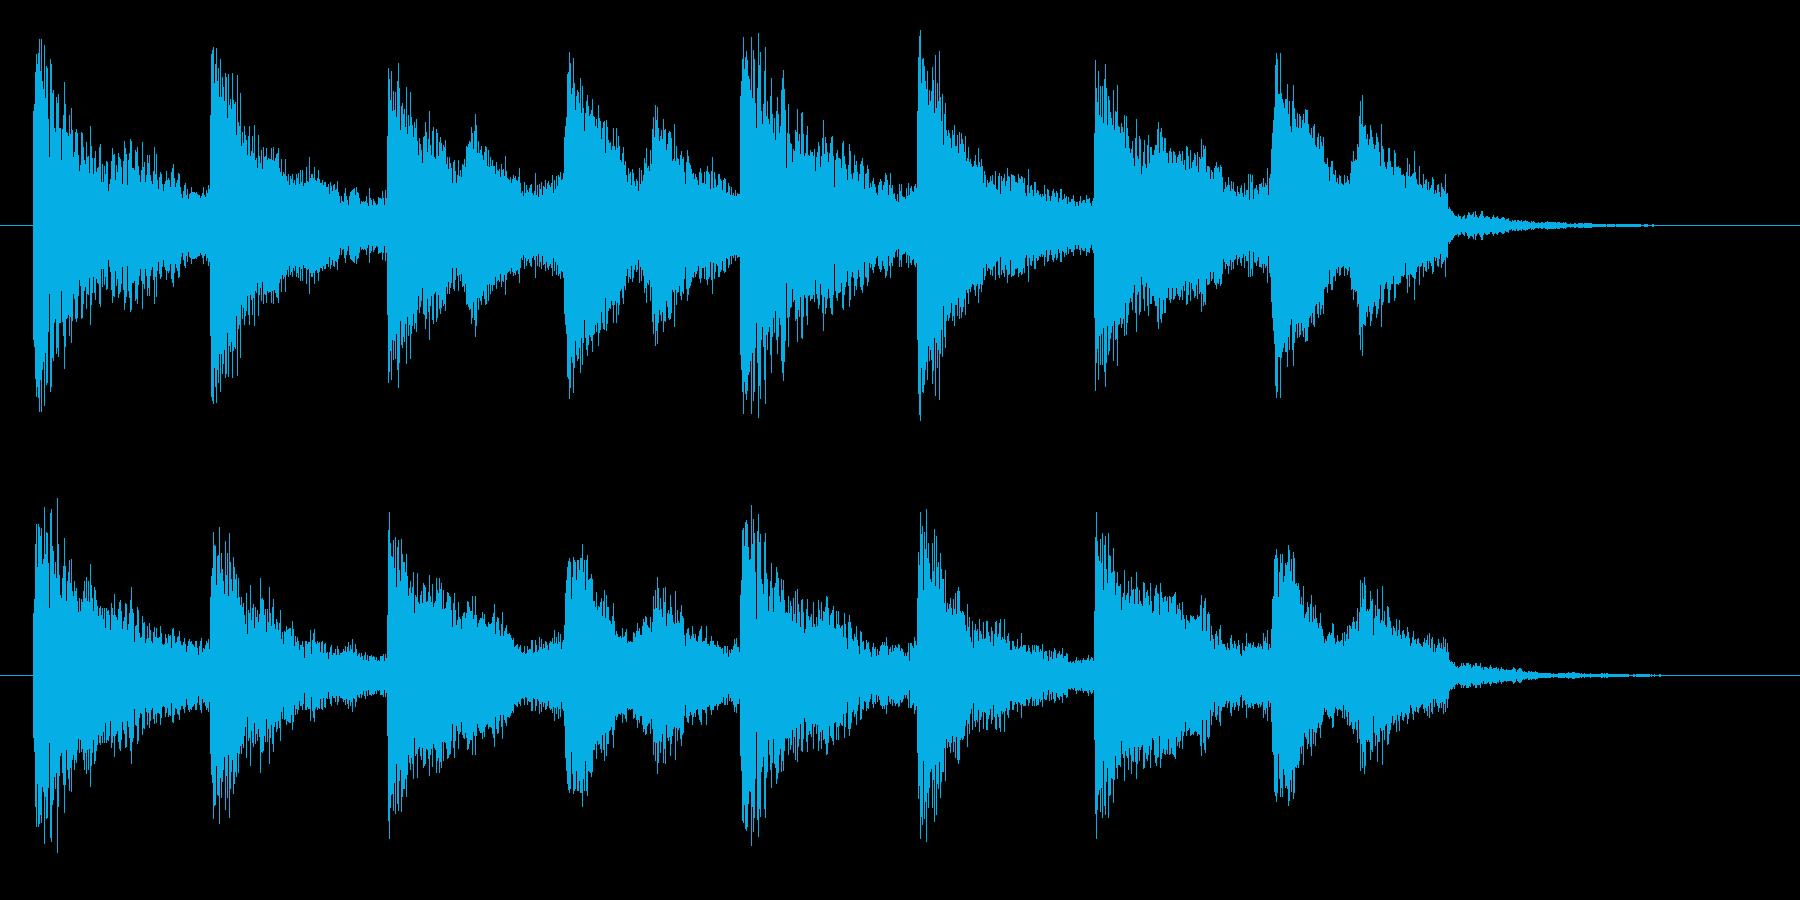 切ない雰囲気のドラマチックなピアノコードの再生済みの波形